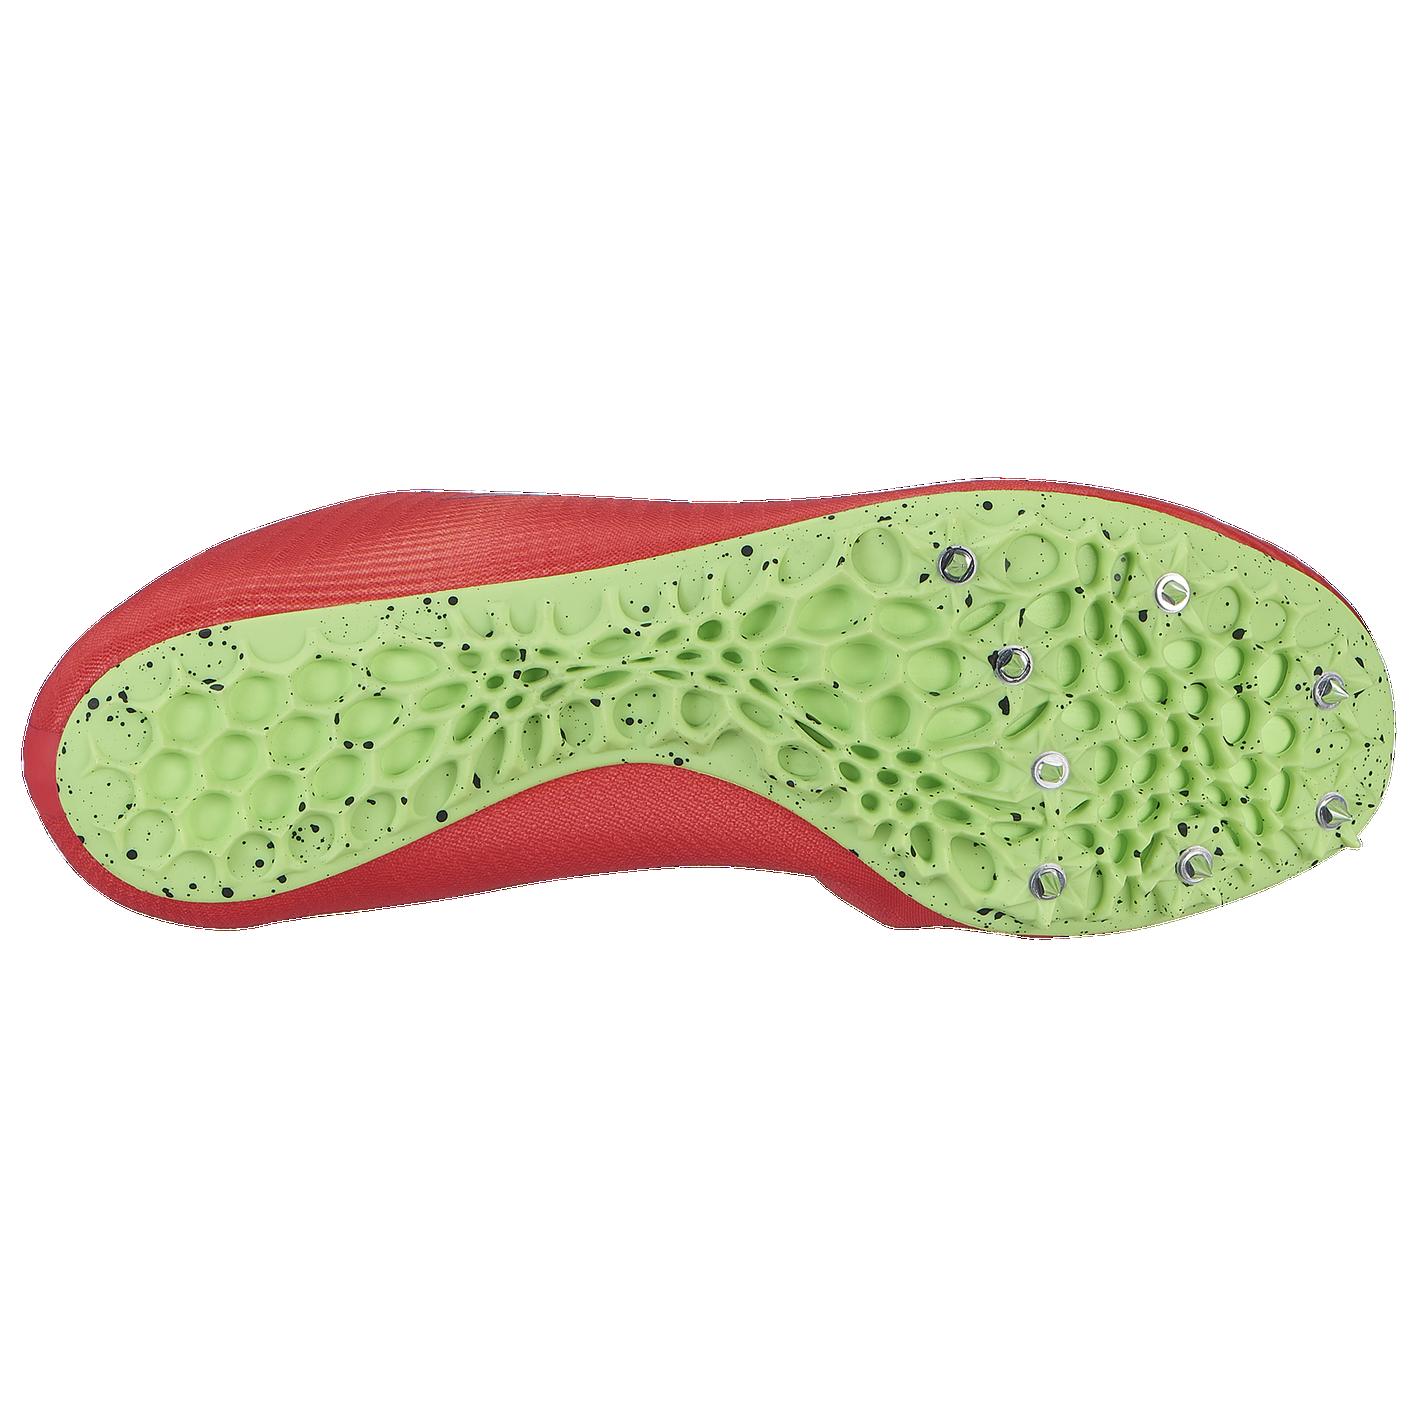 b63366eb41fd Nike Zoom JA Fly 3 - Men s - Track   Field - Shoes - Red Orbit Black ...